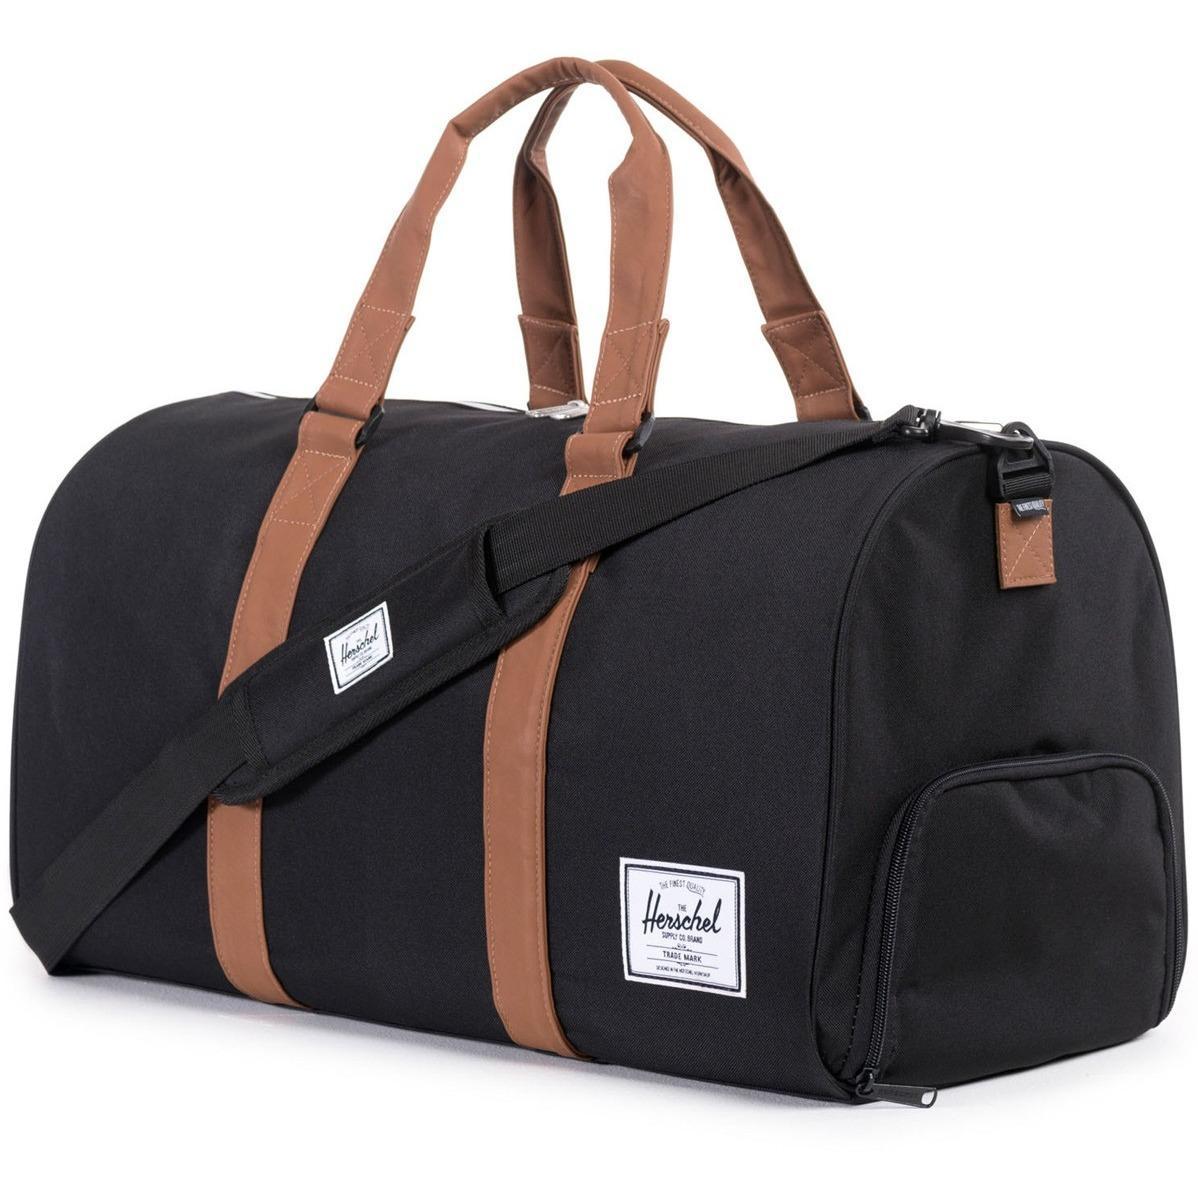 Buy Herschel Supply Co Novel Duffle Bag Weekend Bag Gym Bag Full Volume 42 5L Herschel Supply Co